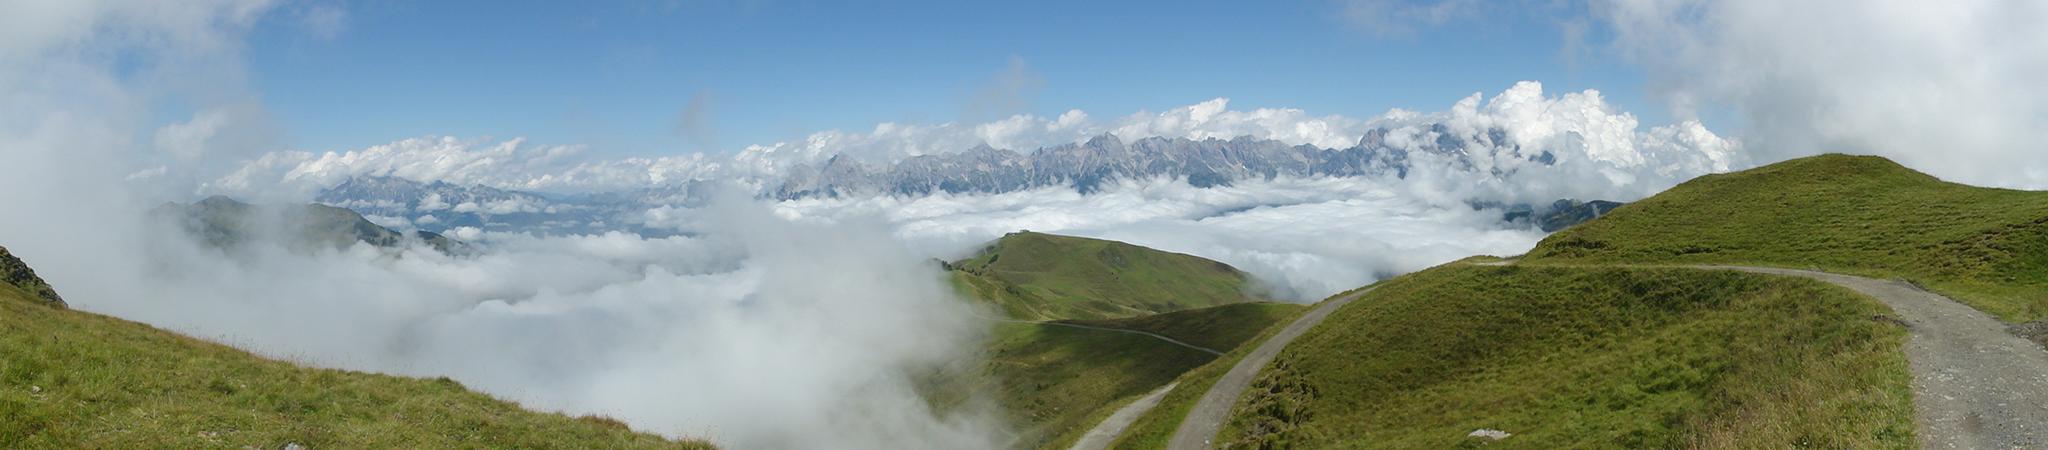 Arnoweg: Prächtiger Ausblick über das Wolkenmeer vom Hundstein Richtung Steinernes Meer.